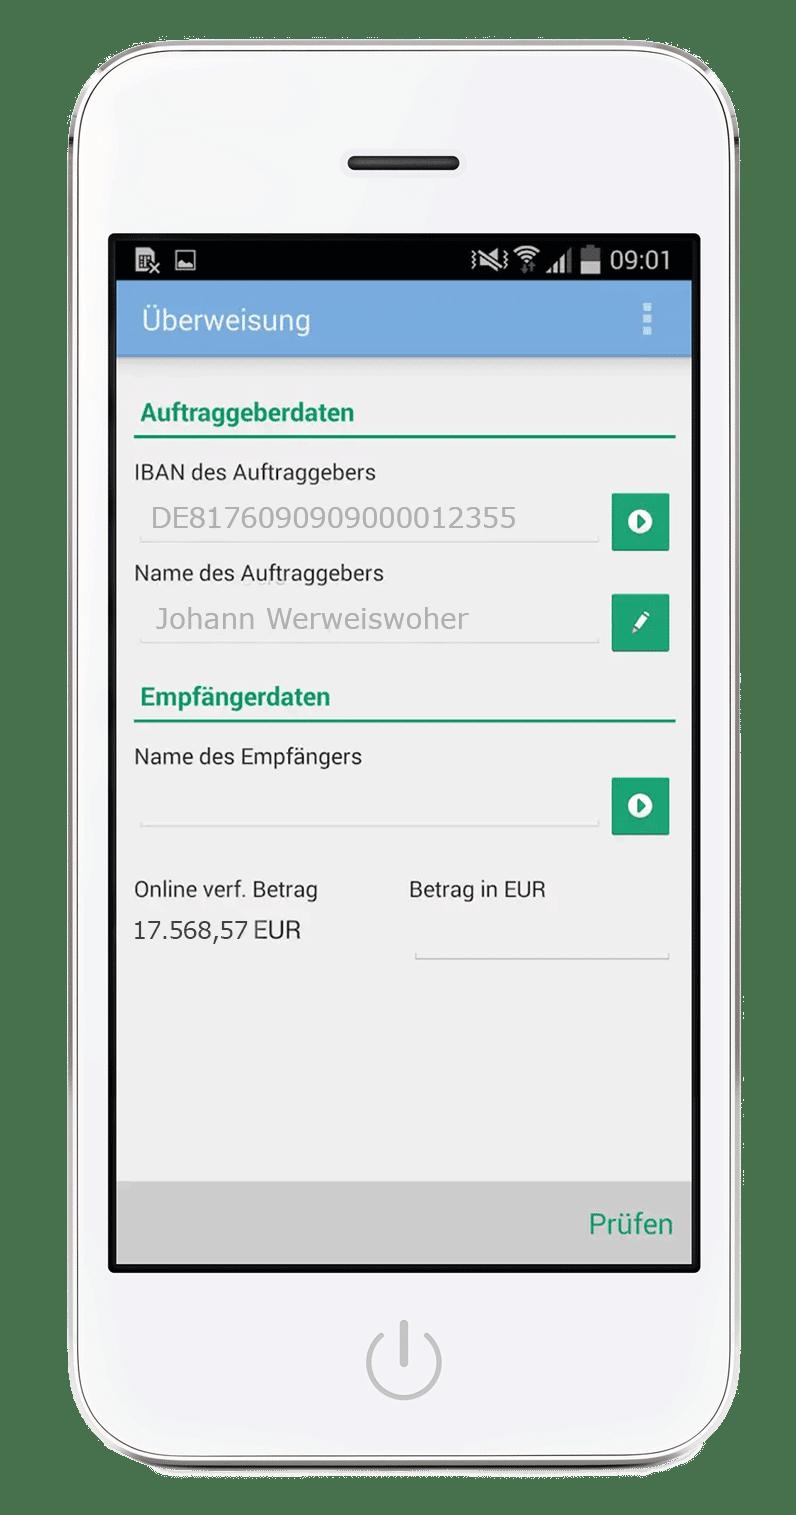 Banking ganz einfach - mit der PSD Banking App